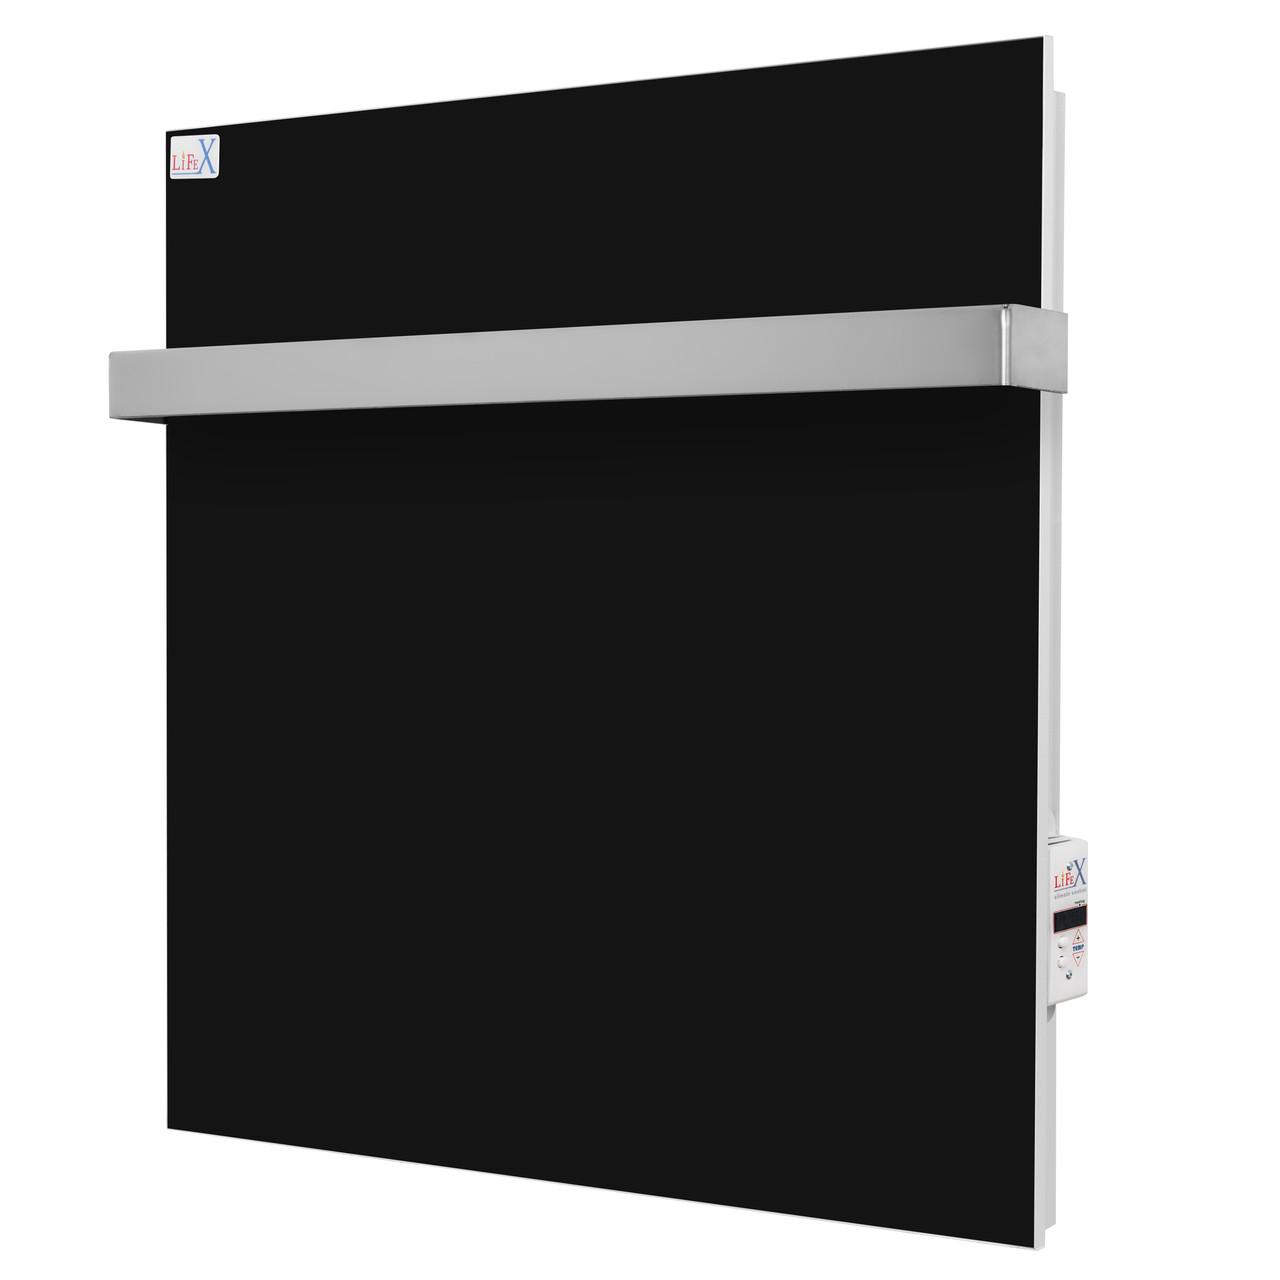 Керамический полотенцесушитель для ванной LifeX ПСК 400 чёрный (с программатором)